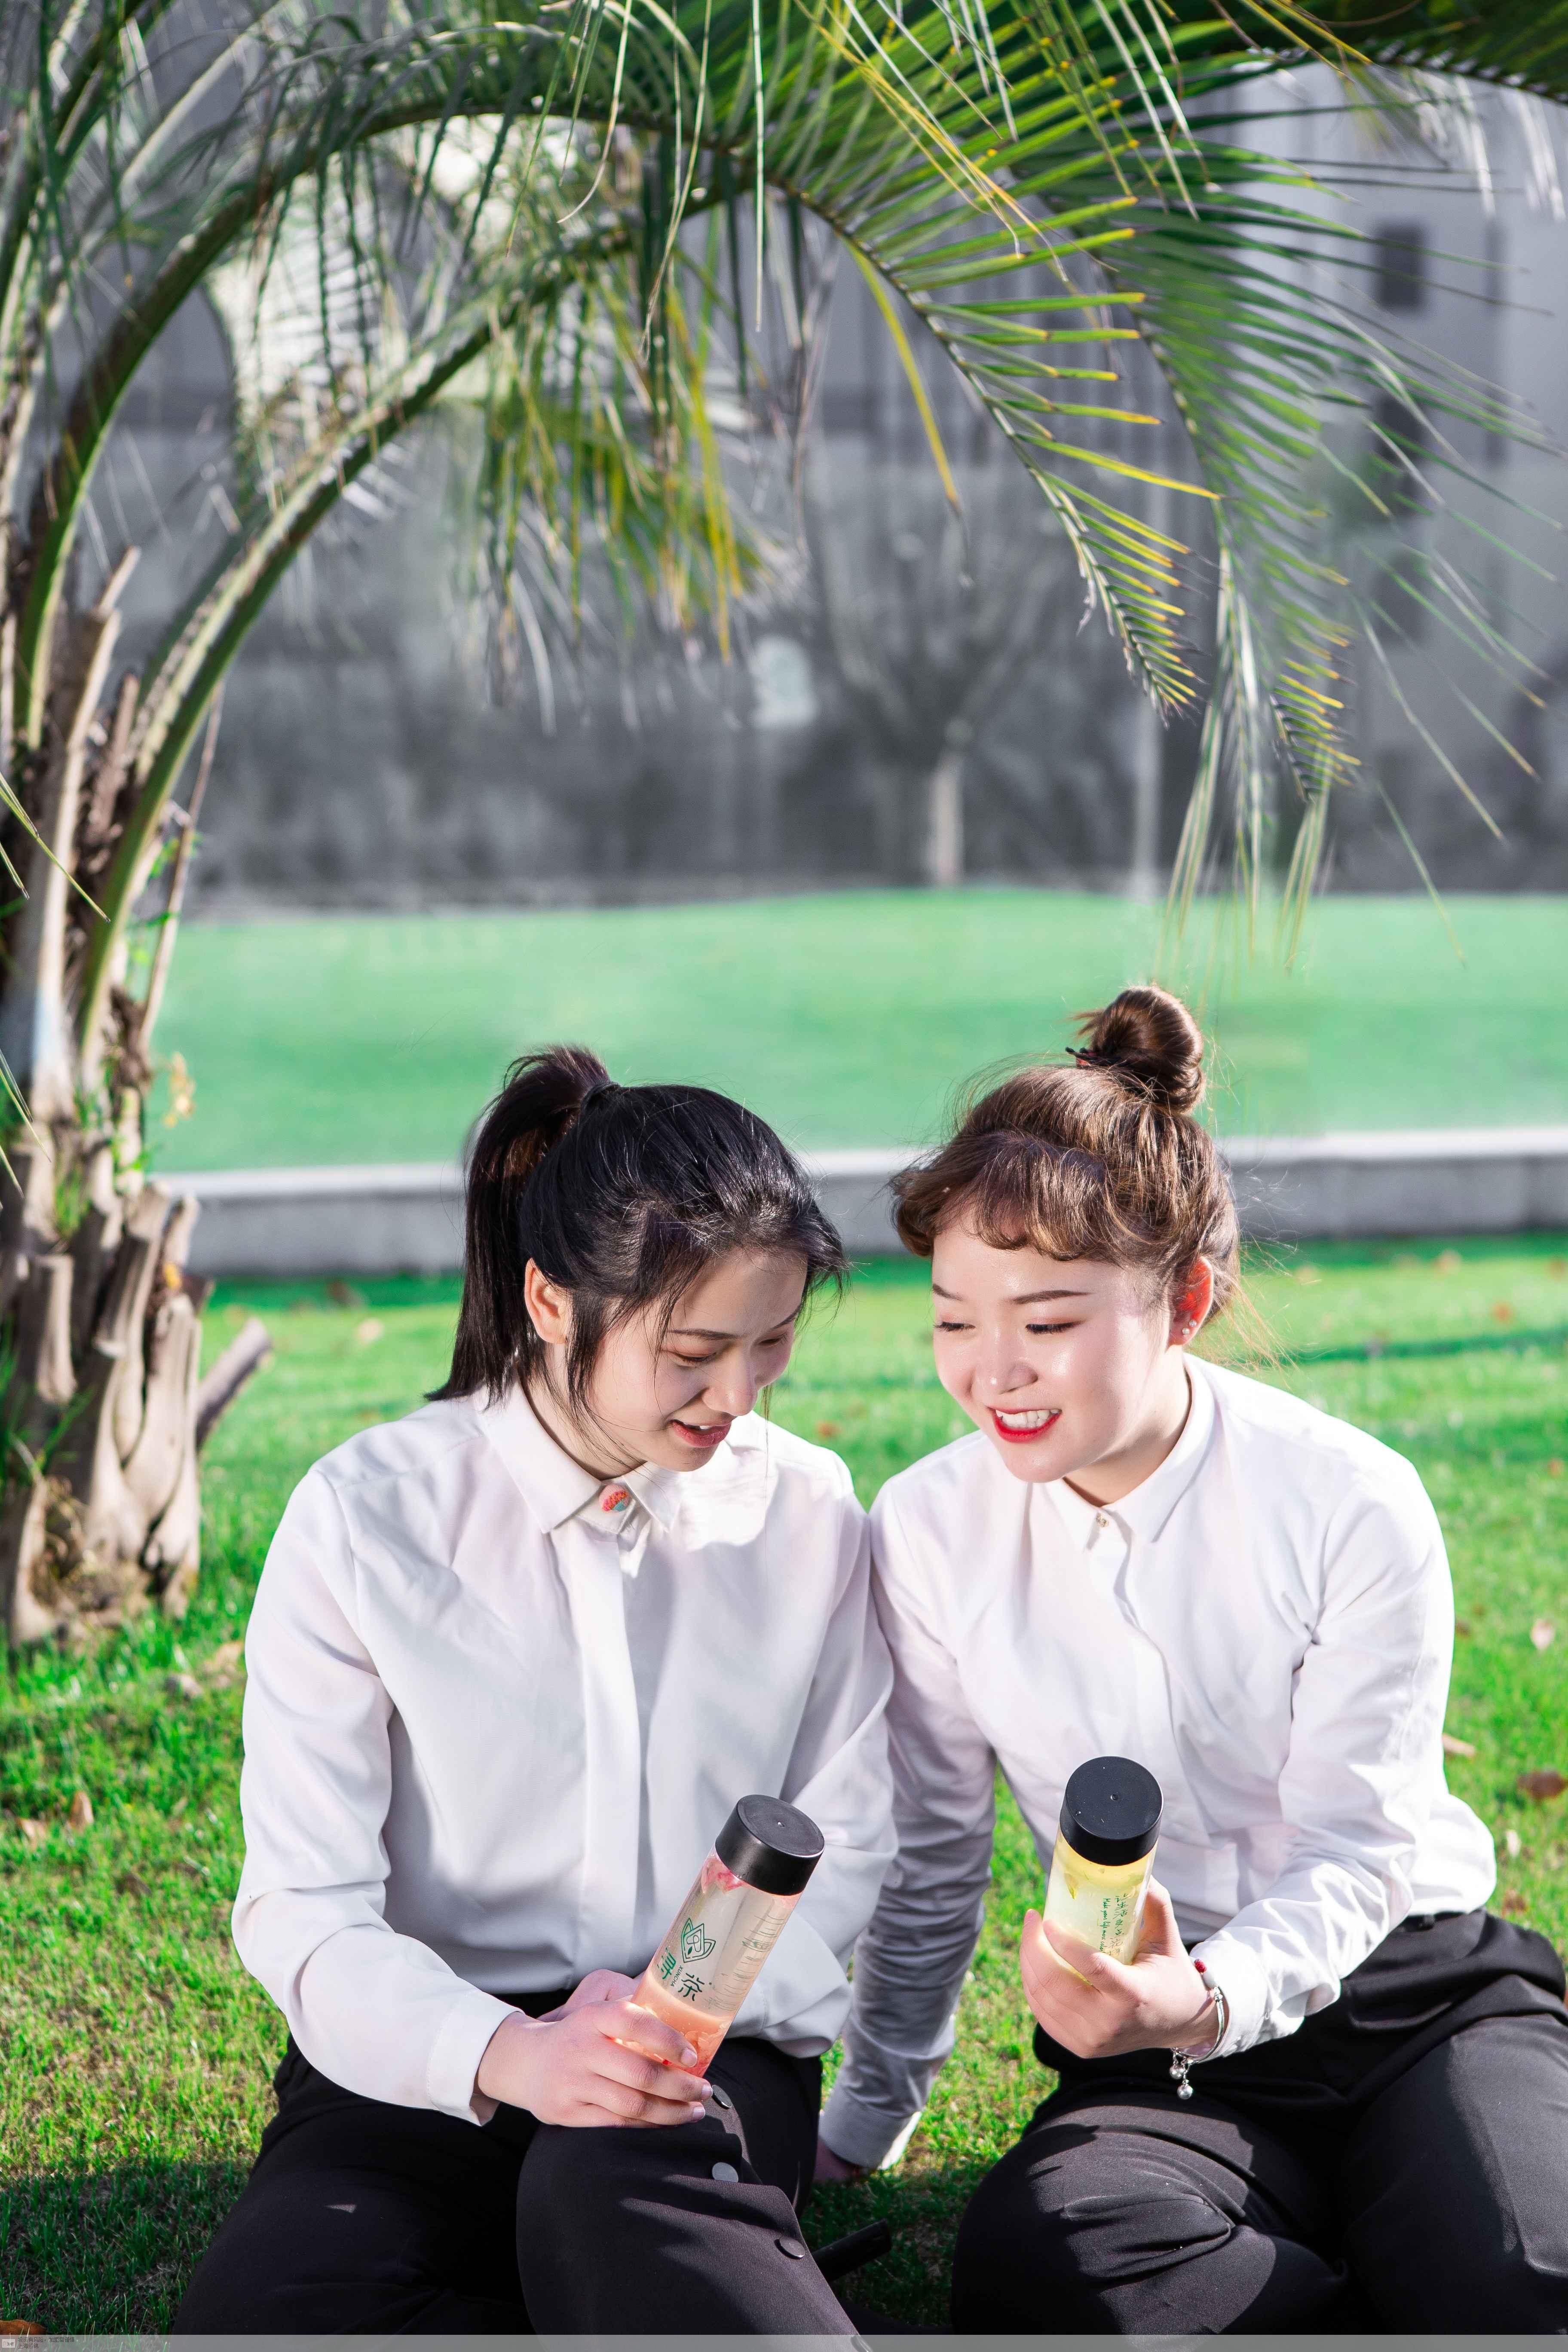 昆山奶茶价格「上海颁锦企业管理供应」